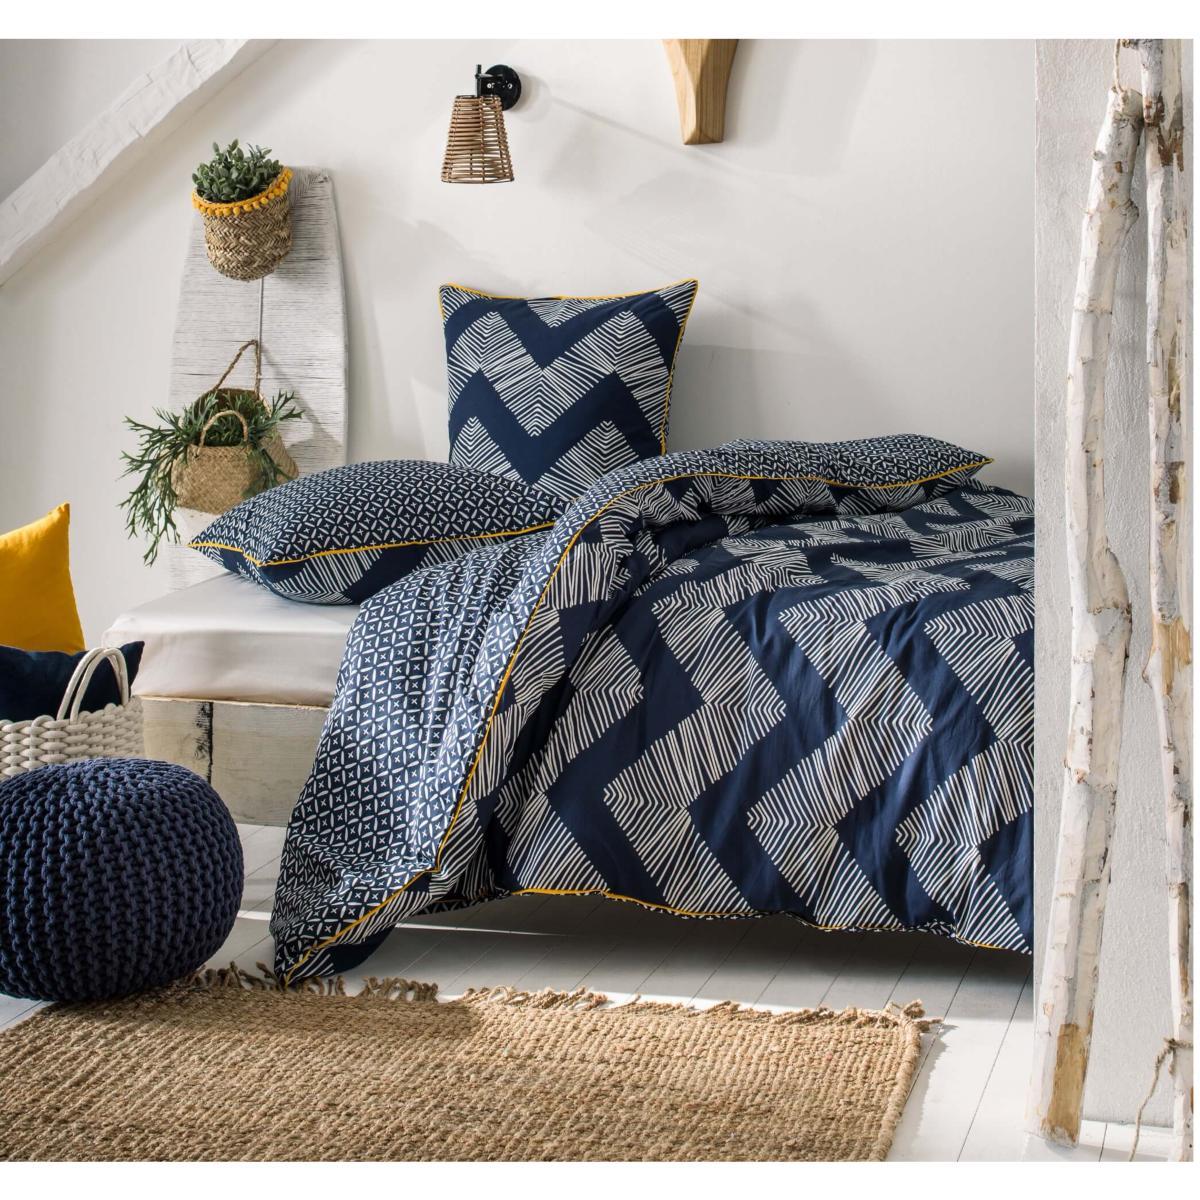 parure housse de couette belize style ethnique goa r versible 100 coton 57 fis j k markets. Black Bedroom Furniture Sets. Home Design Ideas